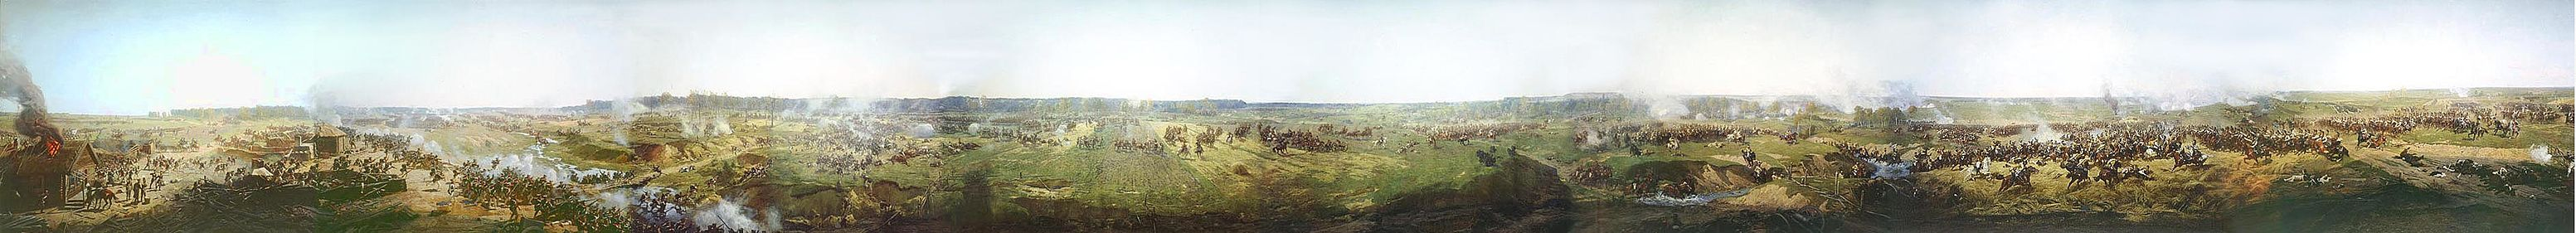 Франц Алексеевич Рубо, полотно панорамы «Бородинская битва»